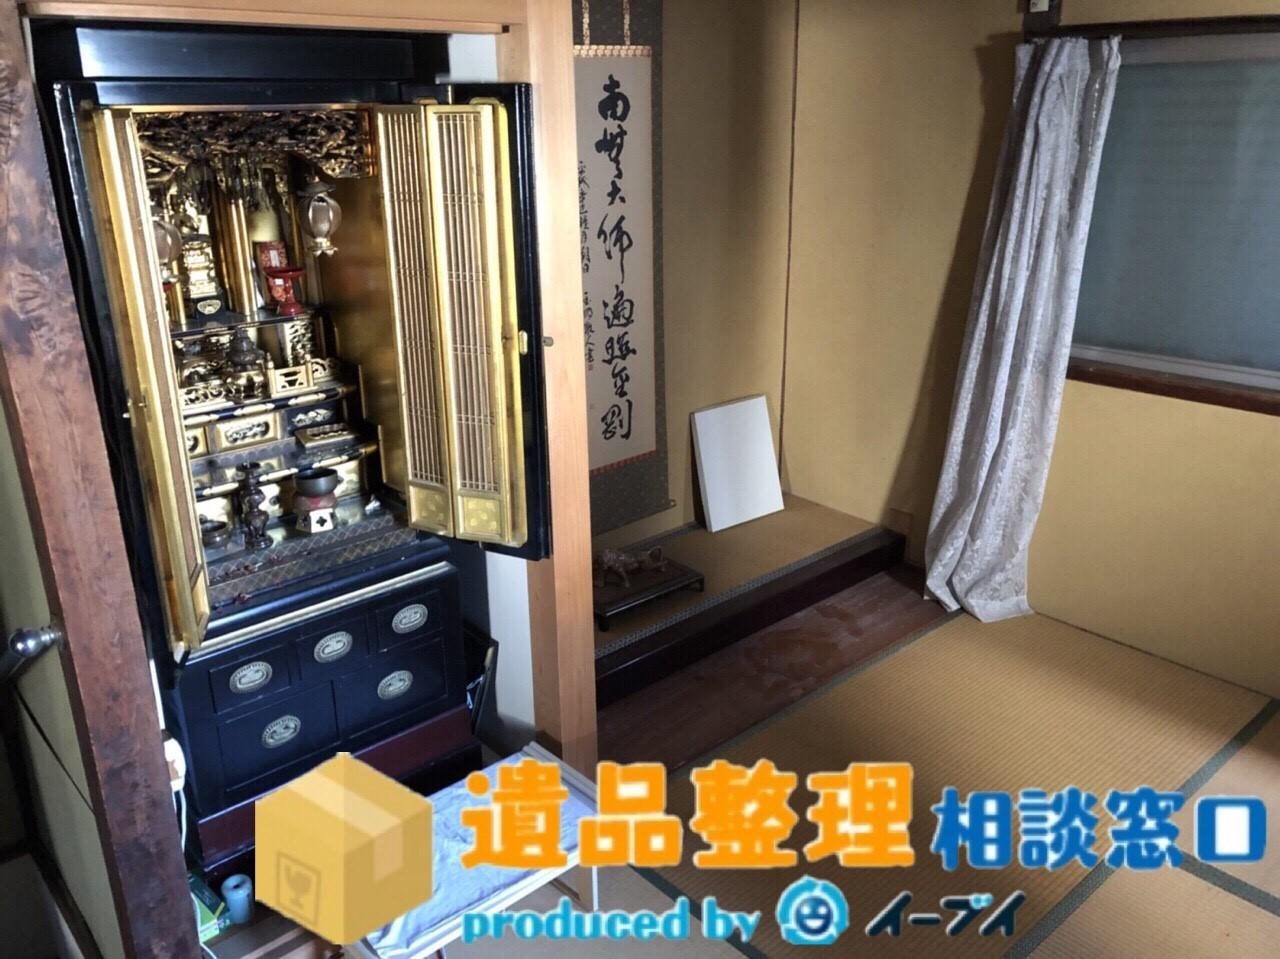 兵庫県川西市で遺品尻整理に伴い、箪笥の処分や仏壇の合同供養のご依頼をいただきました。のアイキャッチ